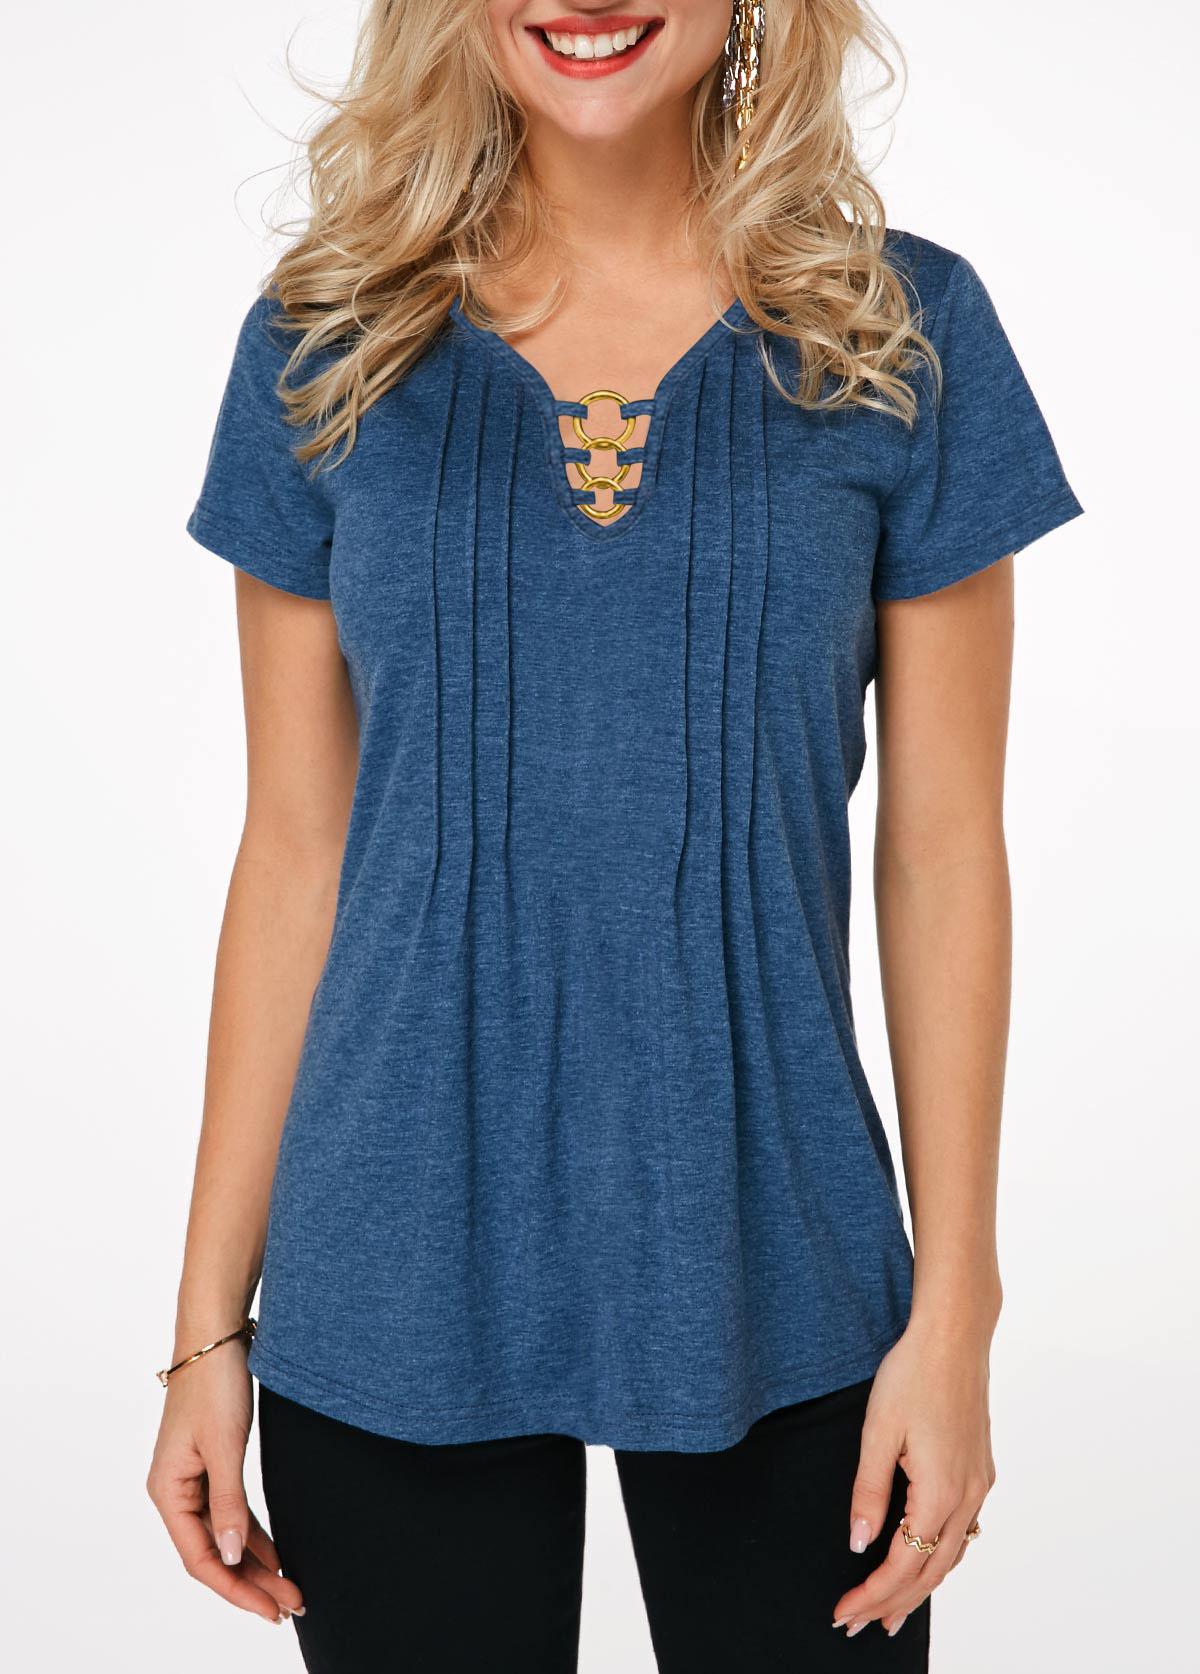 Ring Detail Short Sleeve Crinkle Chest T Shirt